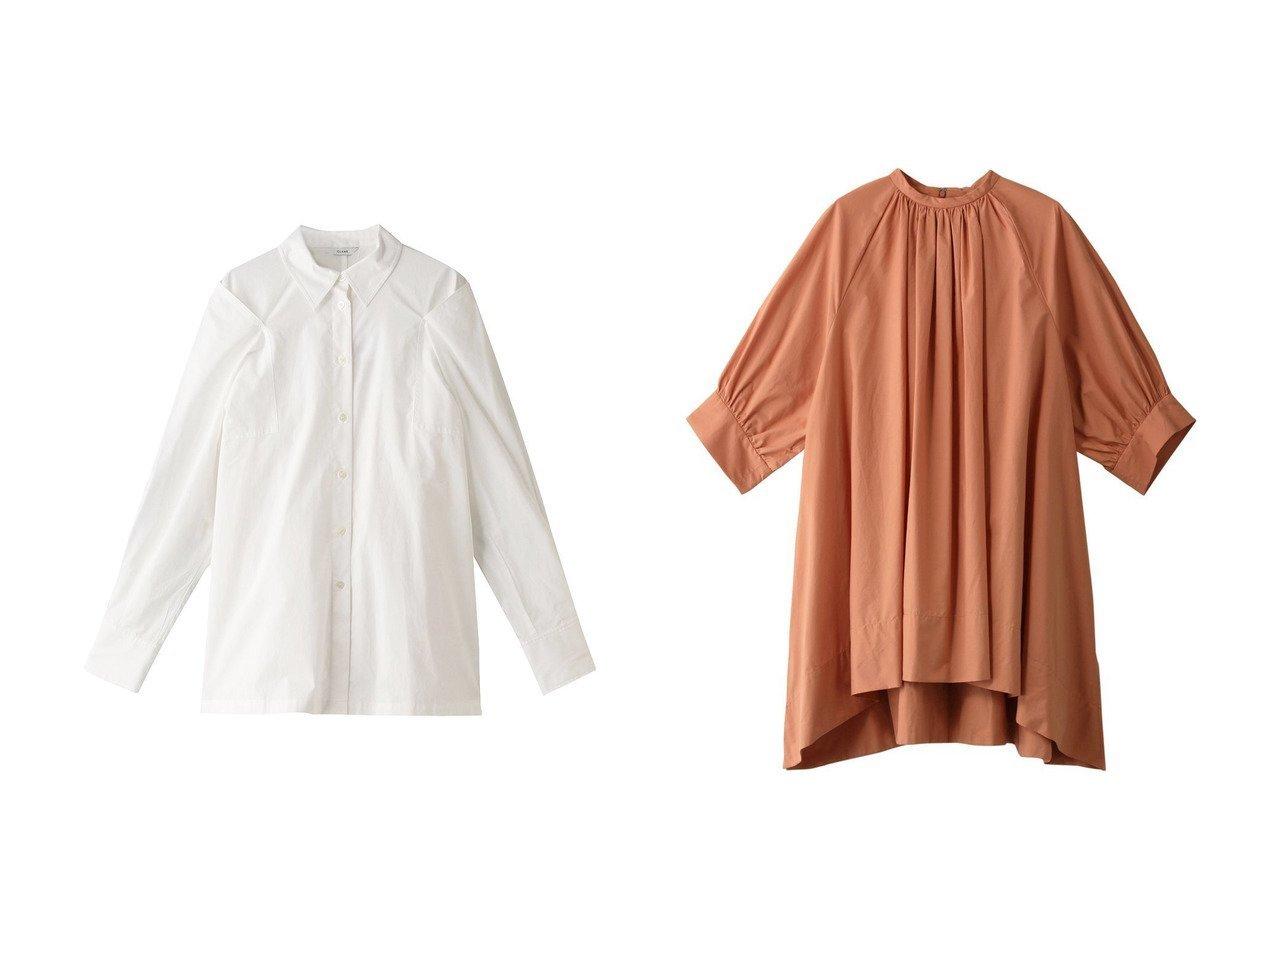 【CLANE/クラネ】のシャツ/ブラウス&シャツ/ブラウス 【トップス・カットソー】おすすめ!人気、トレンド・レディースファッションの通販 おすすめで人気の流行・トレンド、ファッションの通販商品 インテリア・家具・メンズファッション・キッズファッション・レディースファッション・服の通販 founy(ファニー) https://founy.com/ ファッション Fashion レディースファッション WOMEN トップス・カットソー Tops/Tshirt シャツ/ブラウス Shirts/Blouses 2020年 2020 2020-2021秋冬・A/W AW・Autumn/Winter・FW・Fall-Winter/2020-2021 2021年 2021 2021-2022秋冬・A/W AW・Autumn/Winter・FW・Fall-Winter・2021-2022 A/W・秋冬 AW・Autumn/Winter・FW・Fall-Winter ギャザー スリーブ バランス フロント ロング |ID:crp329100000063969